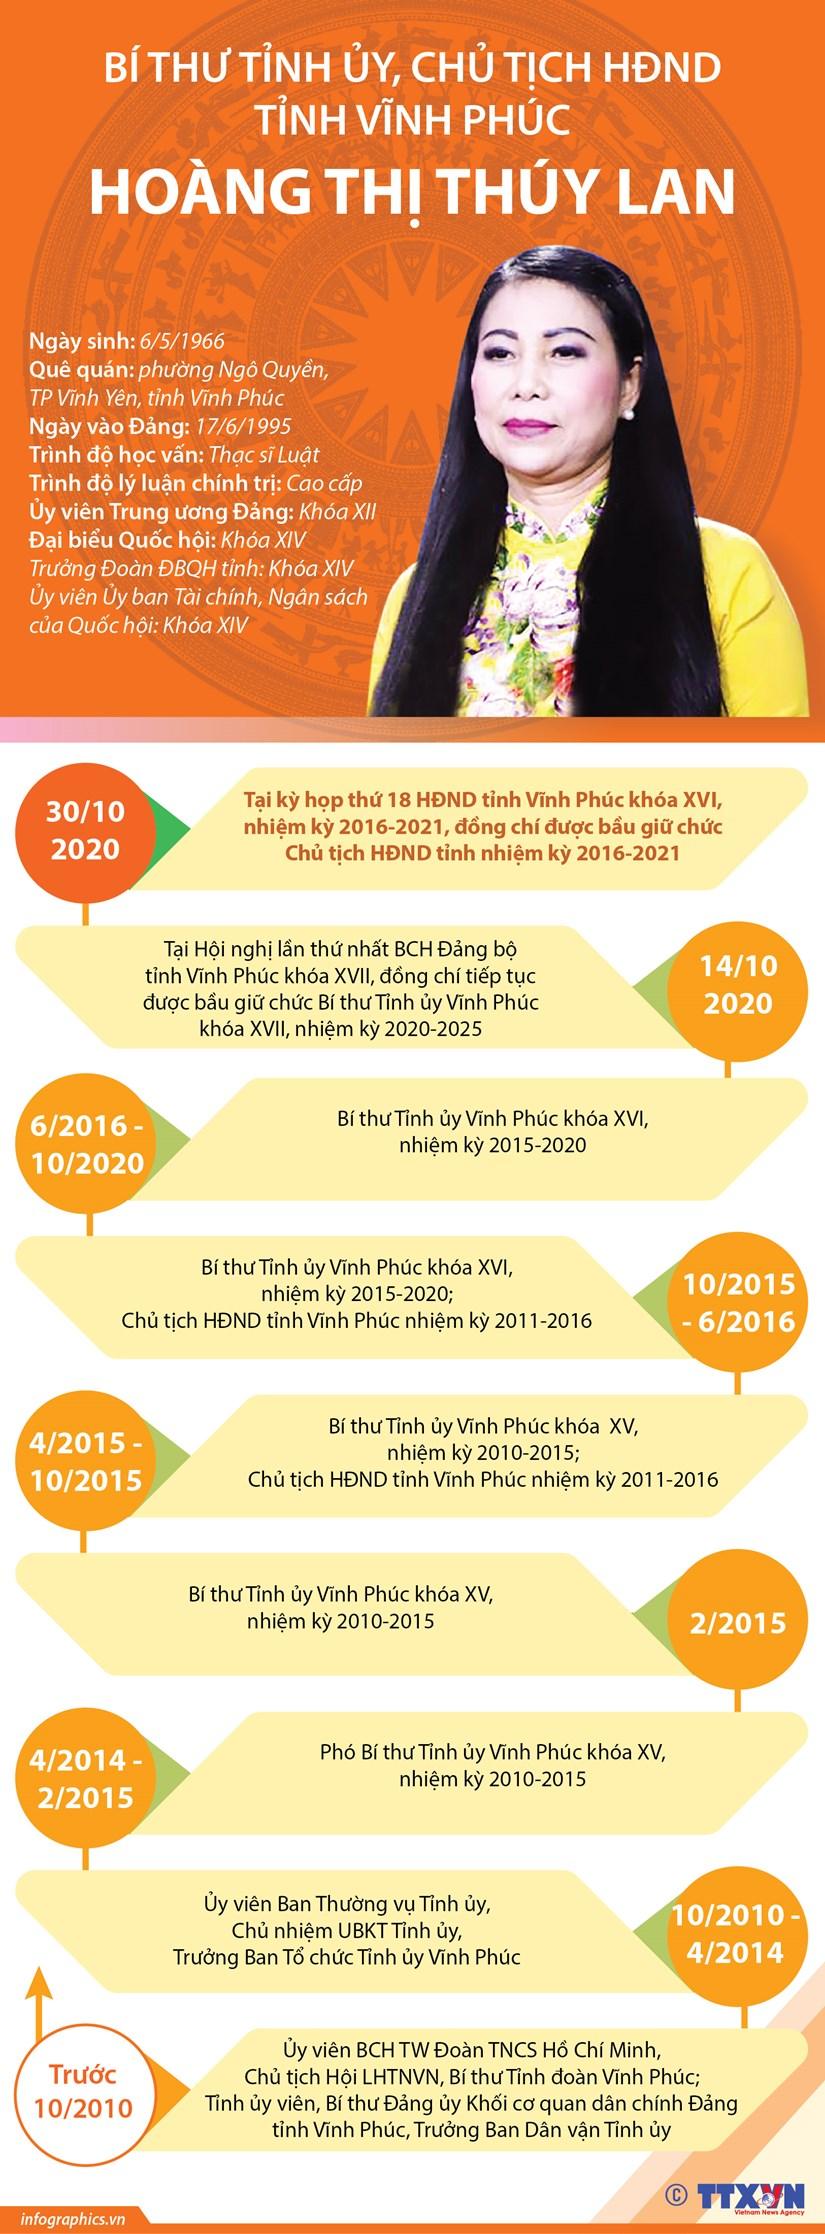 Bi thu Tinh uy, Chu tich HDND tinh Vinh Phuc Hoang Thi Thuy Lan hinh anh 1